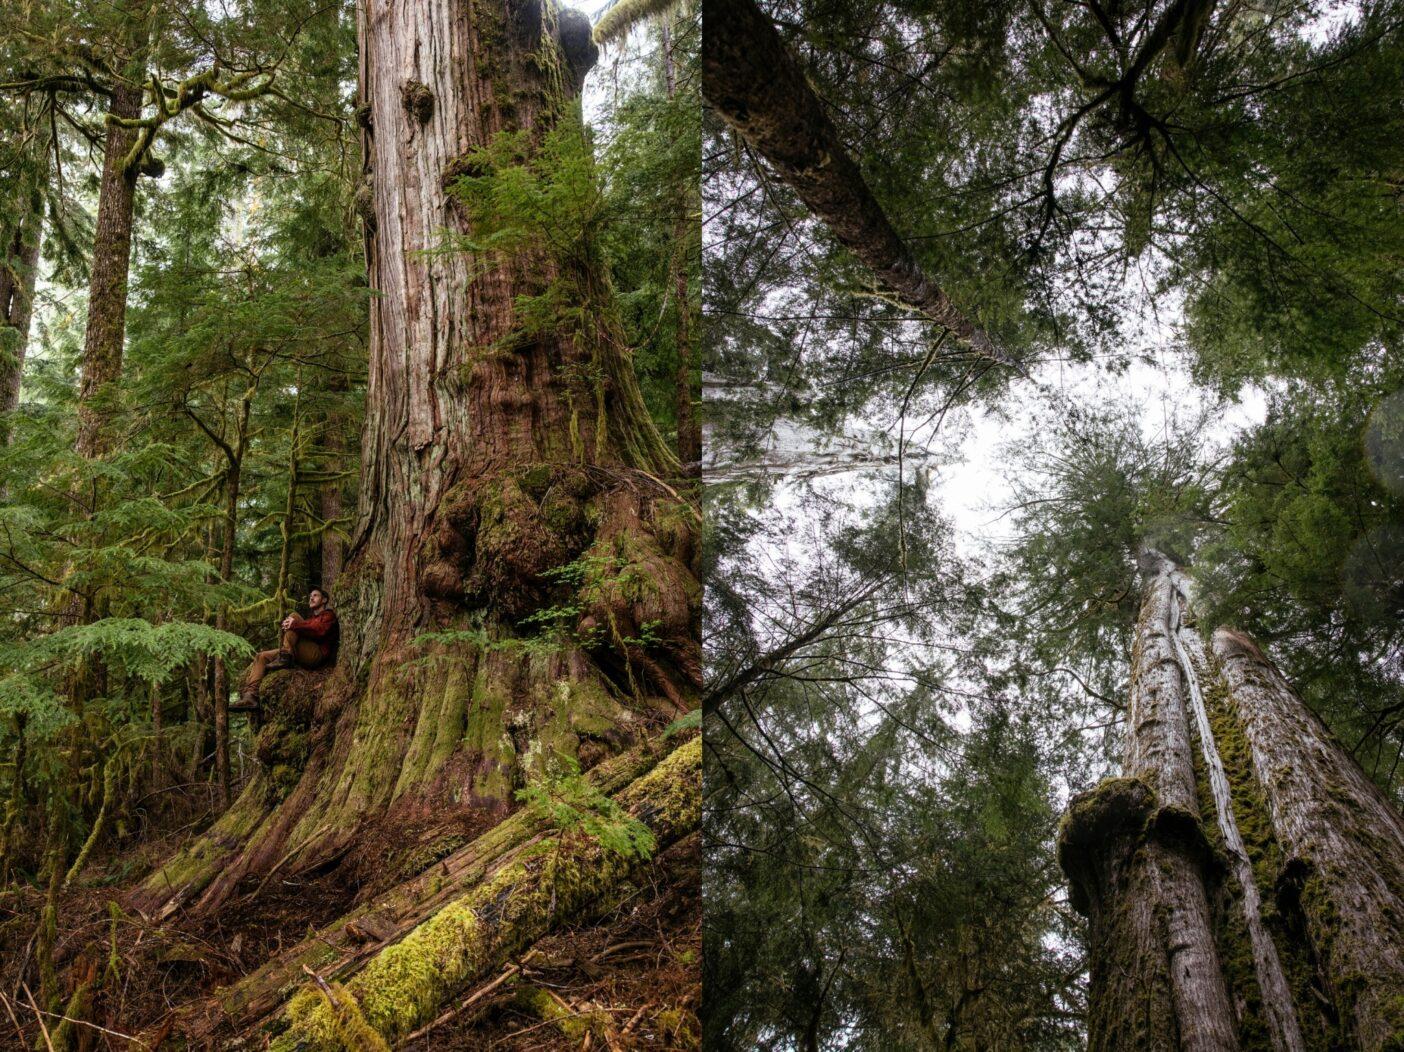 左:バンクーバー島南部のケイキューズ川流域では、多くの原生林が保護されることなく、伐採の危機にさらされている。「ケイキューズの巨人」という異名を持つ直径5メートルほどのこの巨木もその1つだ。 右:原生林では、巨木が倒れた後、林冠に隙間ができることが多く、そこから光が林床に降り注ぎ、さまざまな種類の植物が繁茂する豊かな下層植生を作る。Photos: Jeremy Koreski